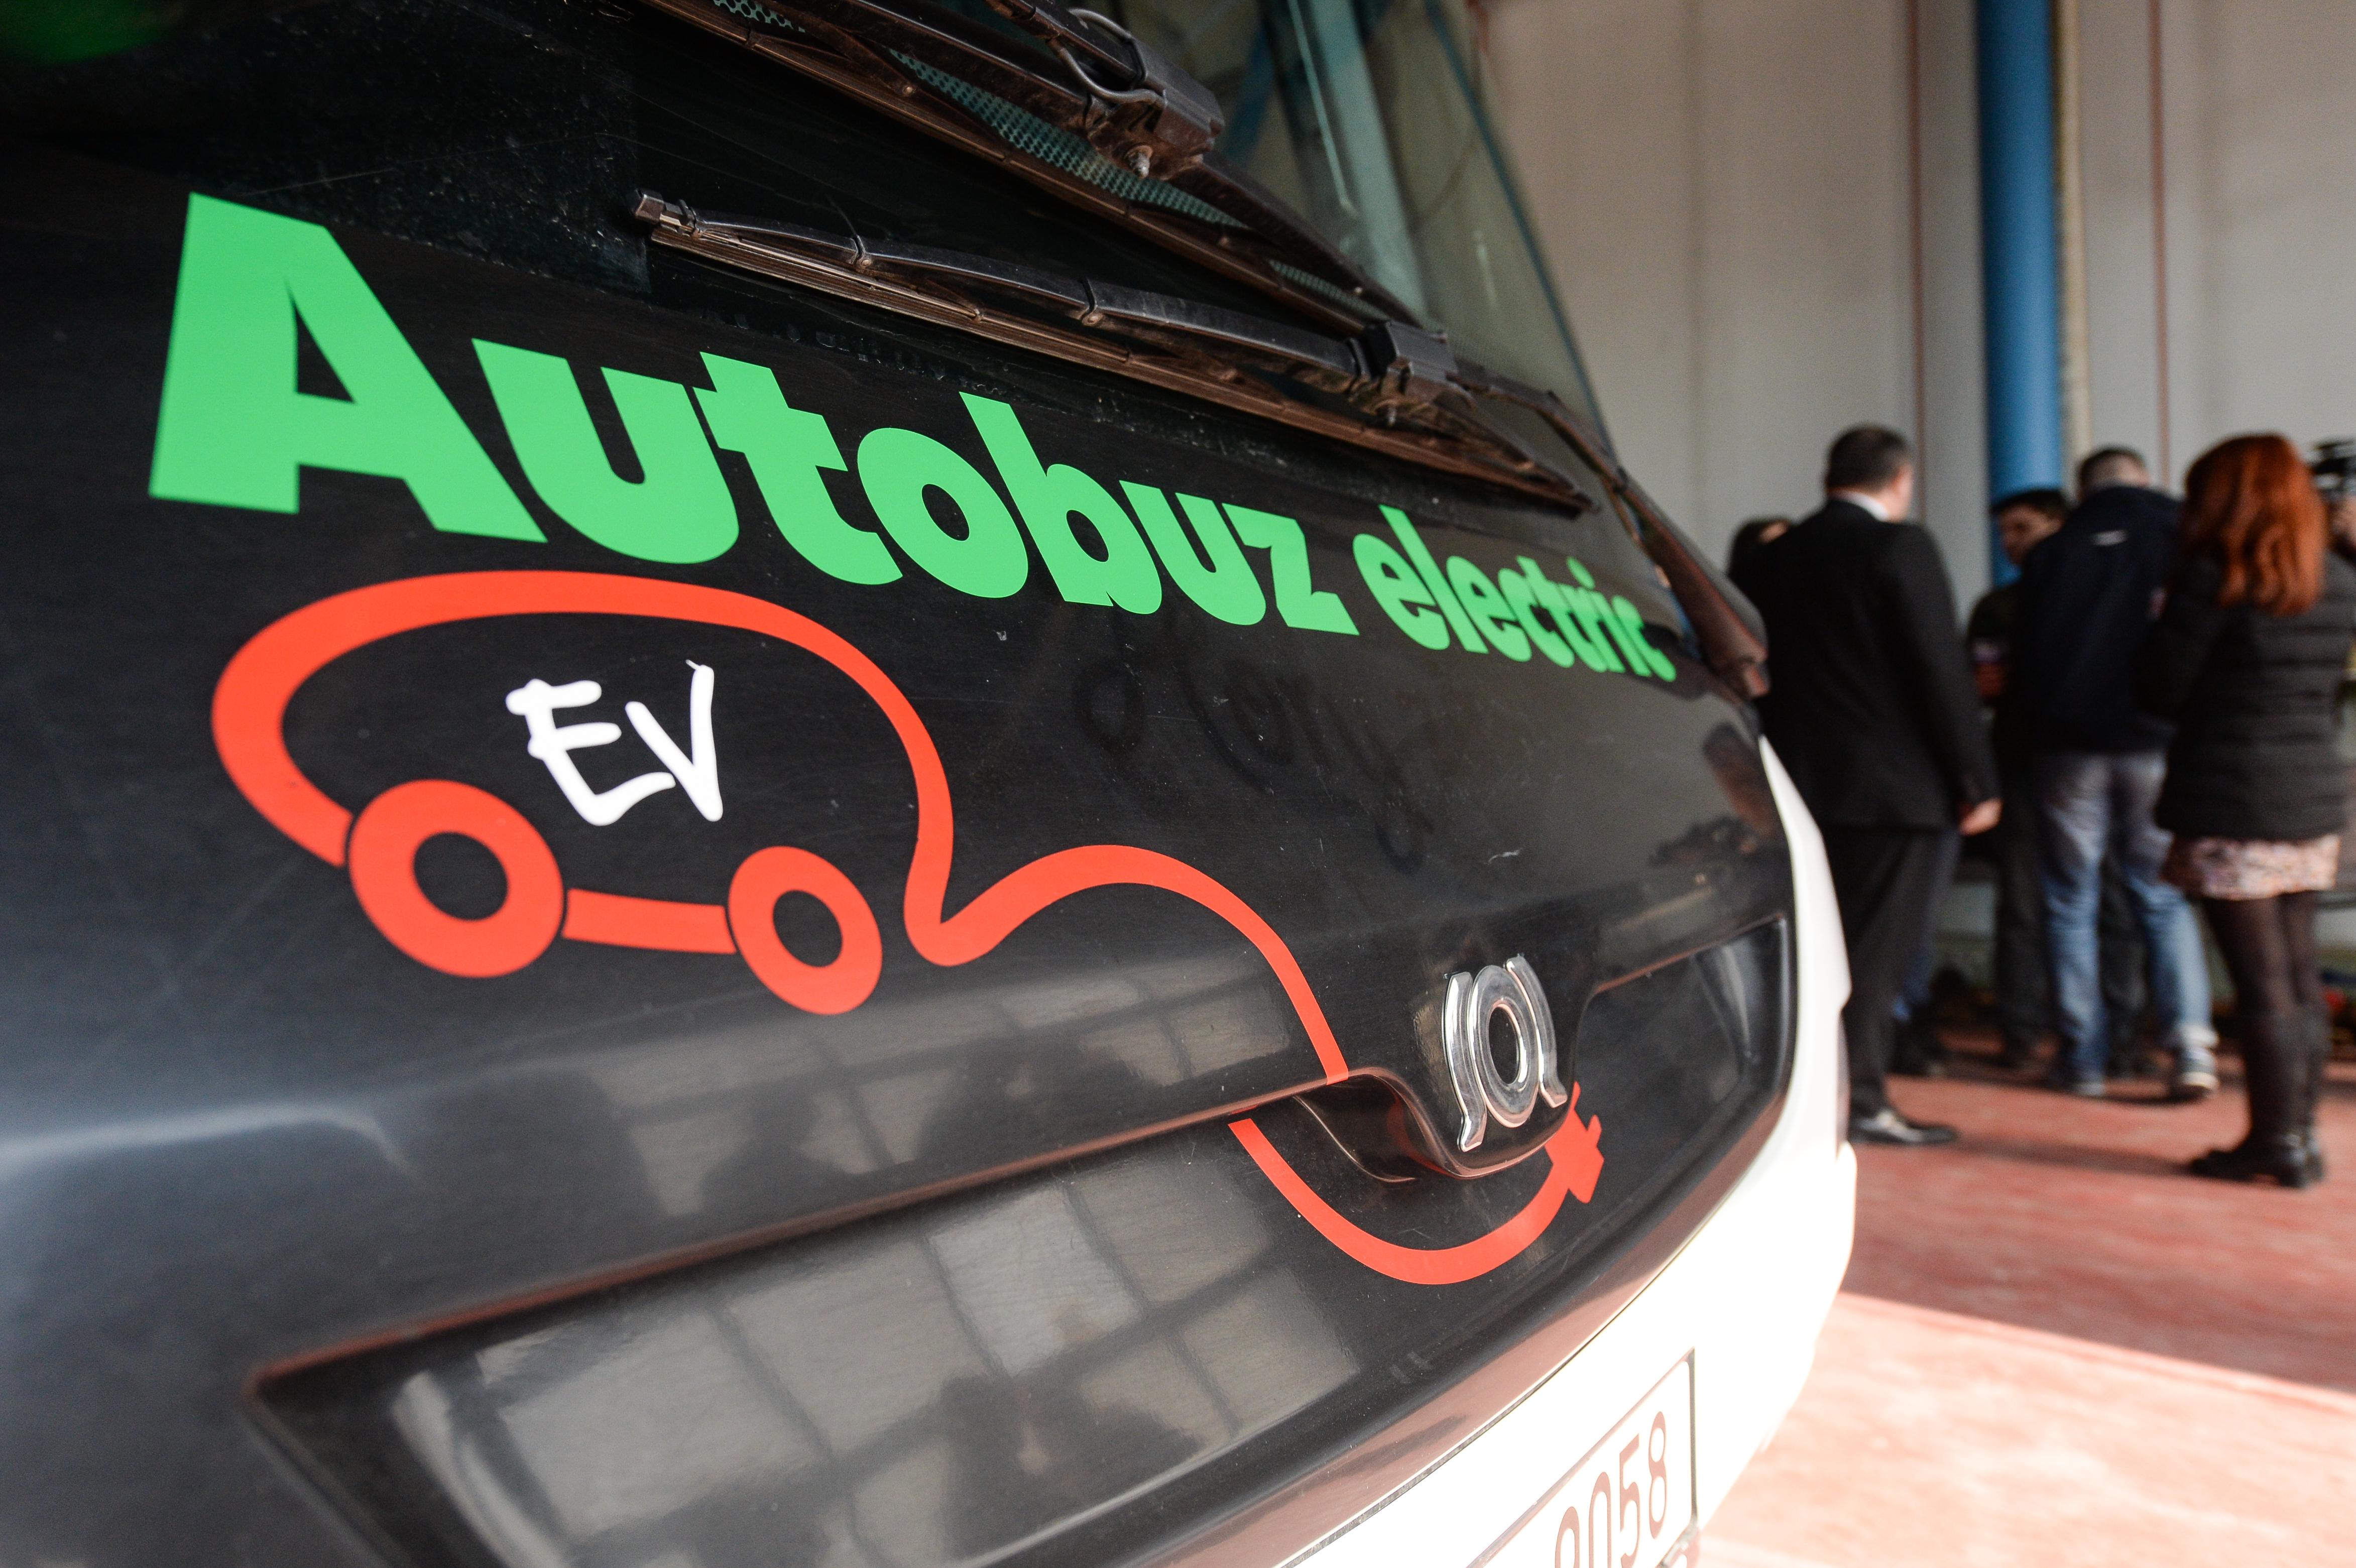 Cluj-Napoca o ia înaintea Bucureştiului: Primele autobuze electrice pentru transportul public vor circula de anul viitor pe străzile oraşului